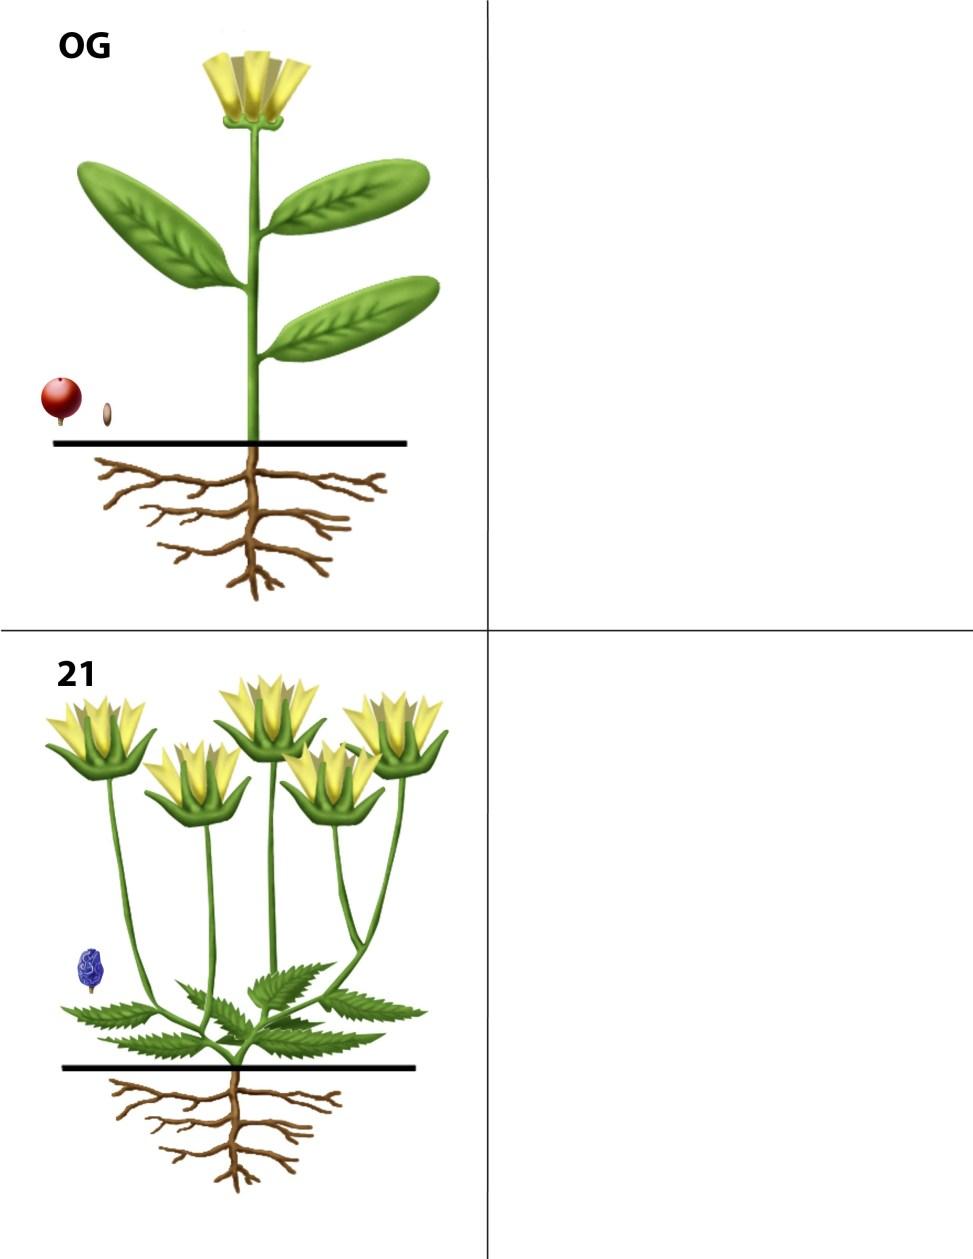 Dendrogrammaceae 21 + Outgroup (OG)